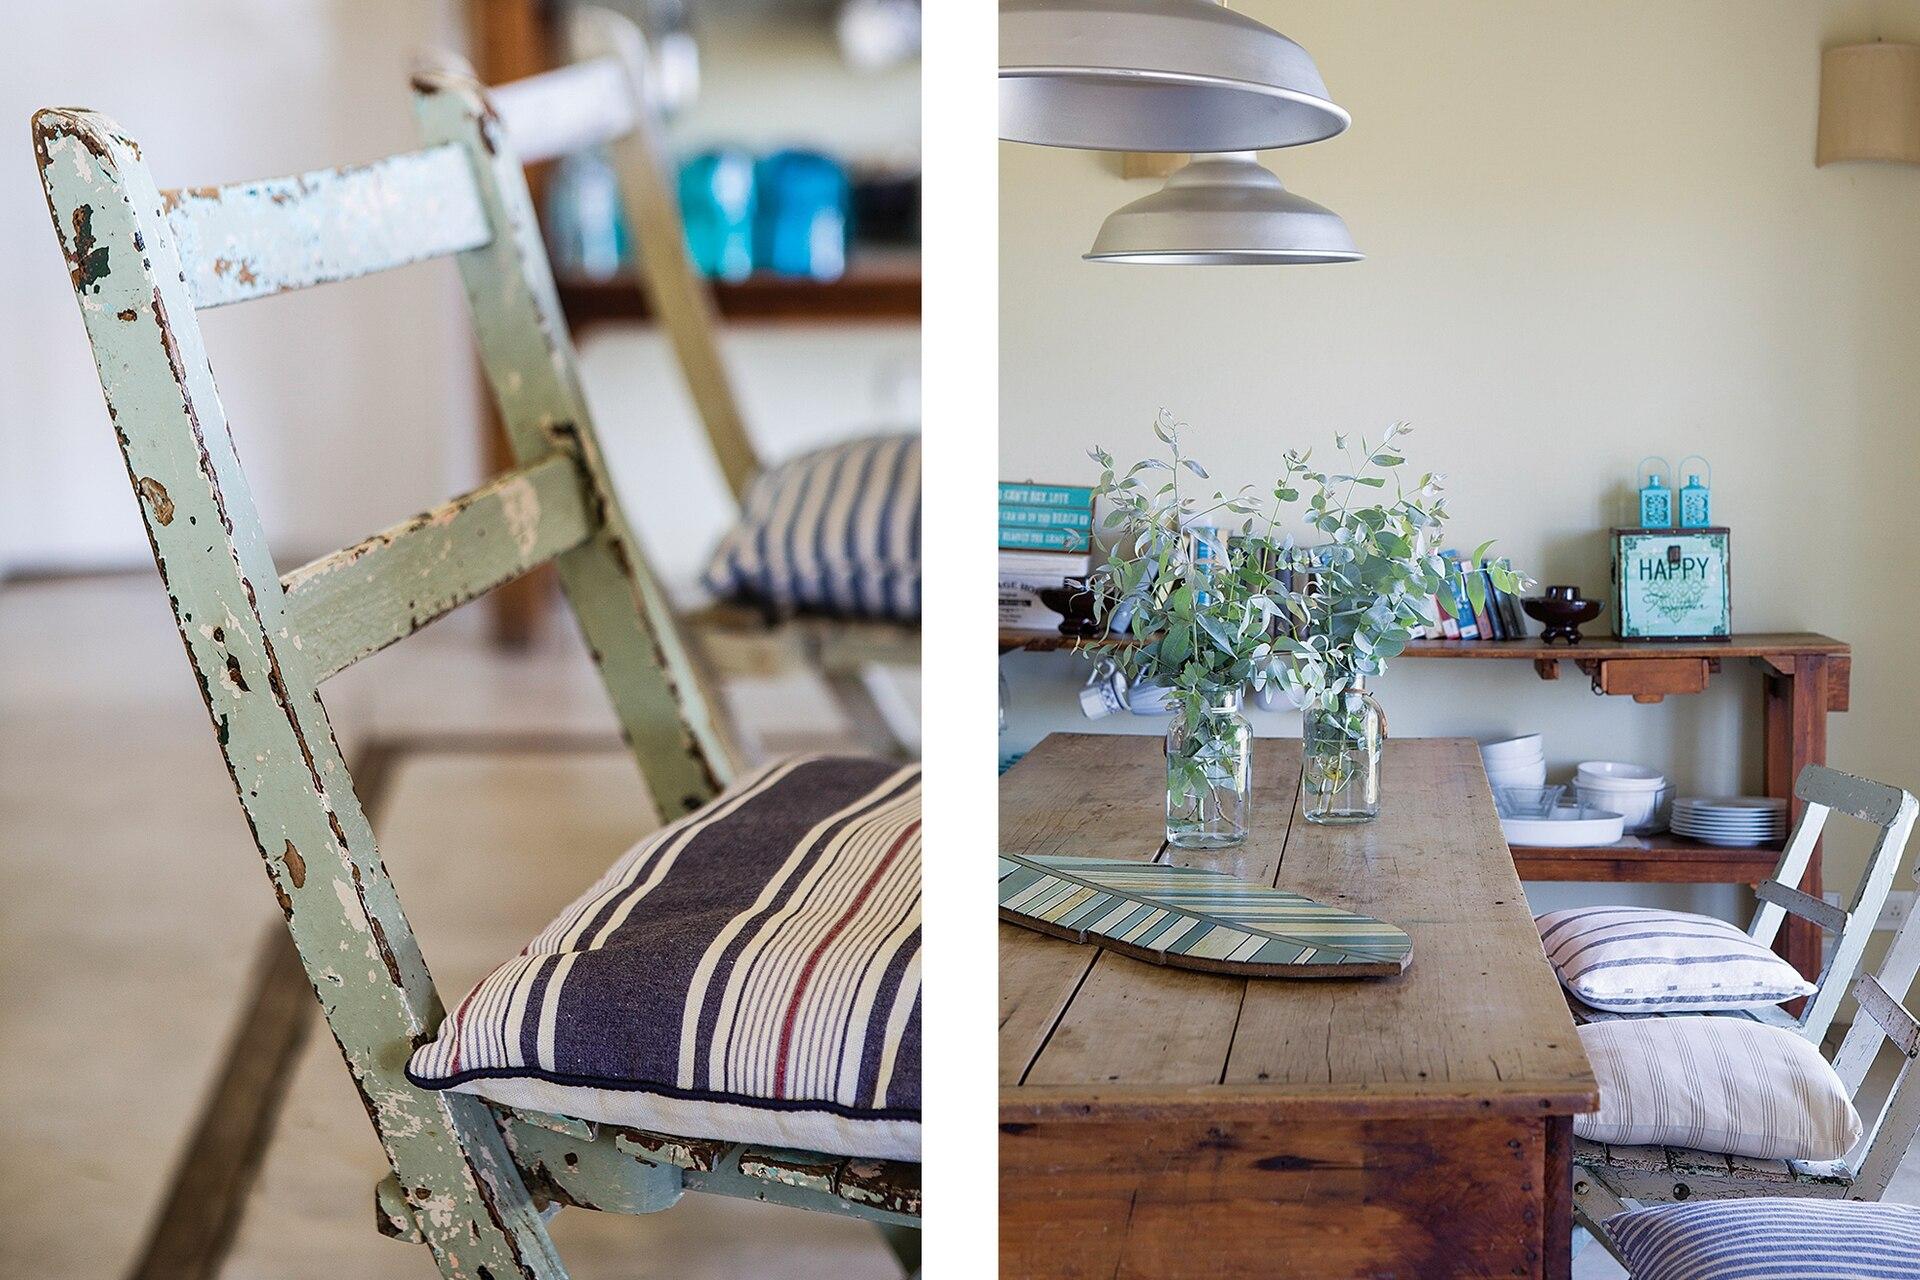 Mesa, sillas decapadas de diferentes colores compradas en remates o en pueblos de la costa. Almohadones (Ana Szarun). Lámparas galponeras. (Huup Iluminación). Tabla traída de un viaje.